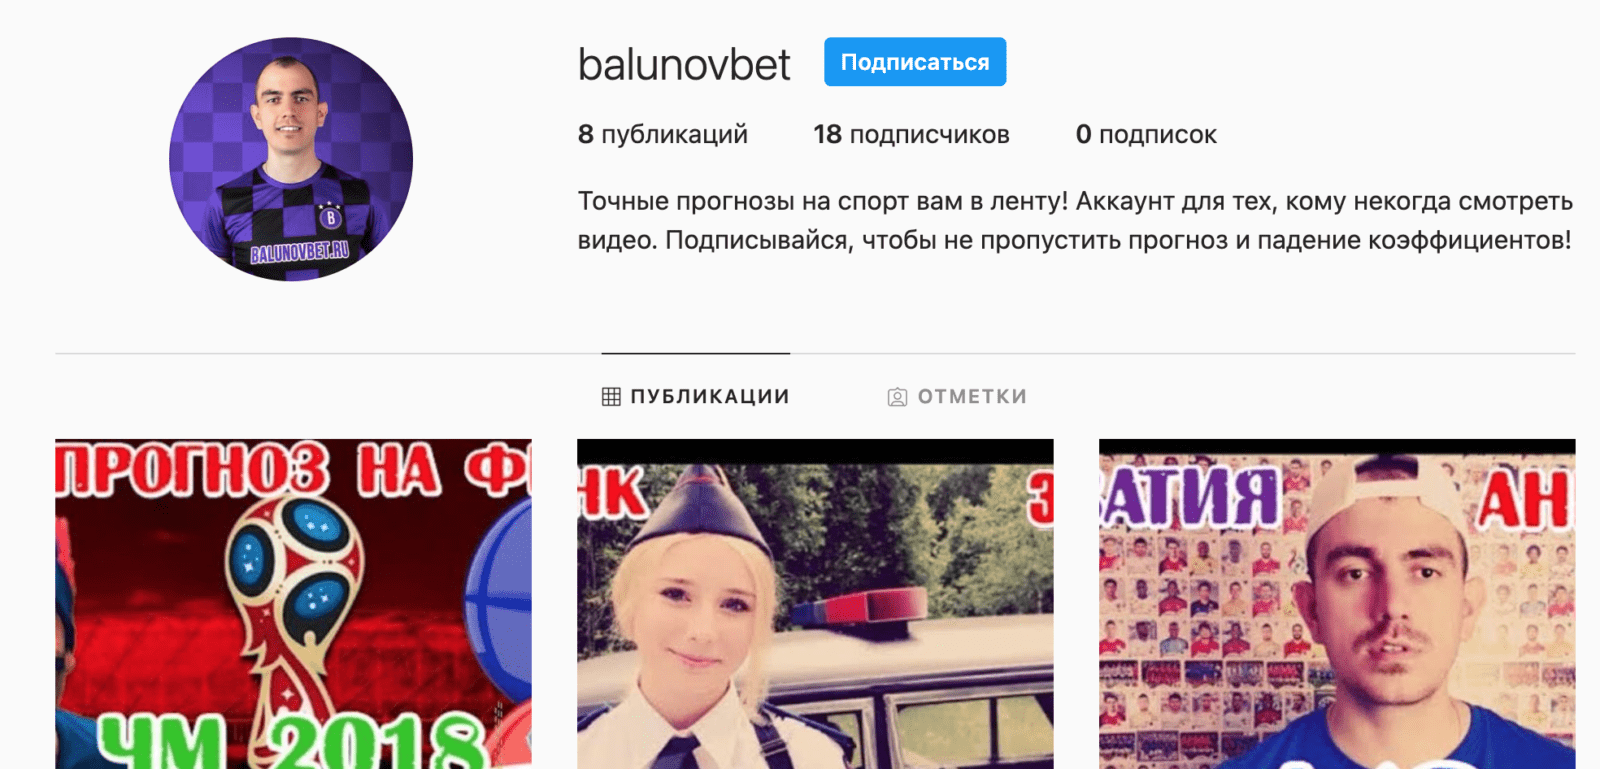 Инстаграм Balunovbet tv